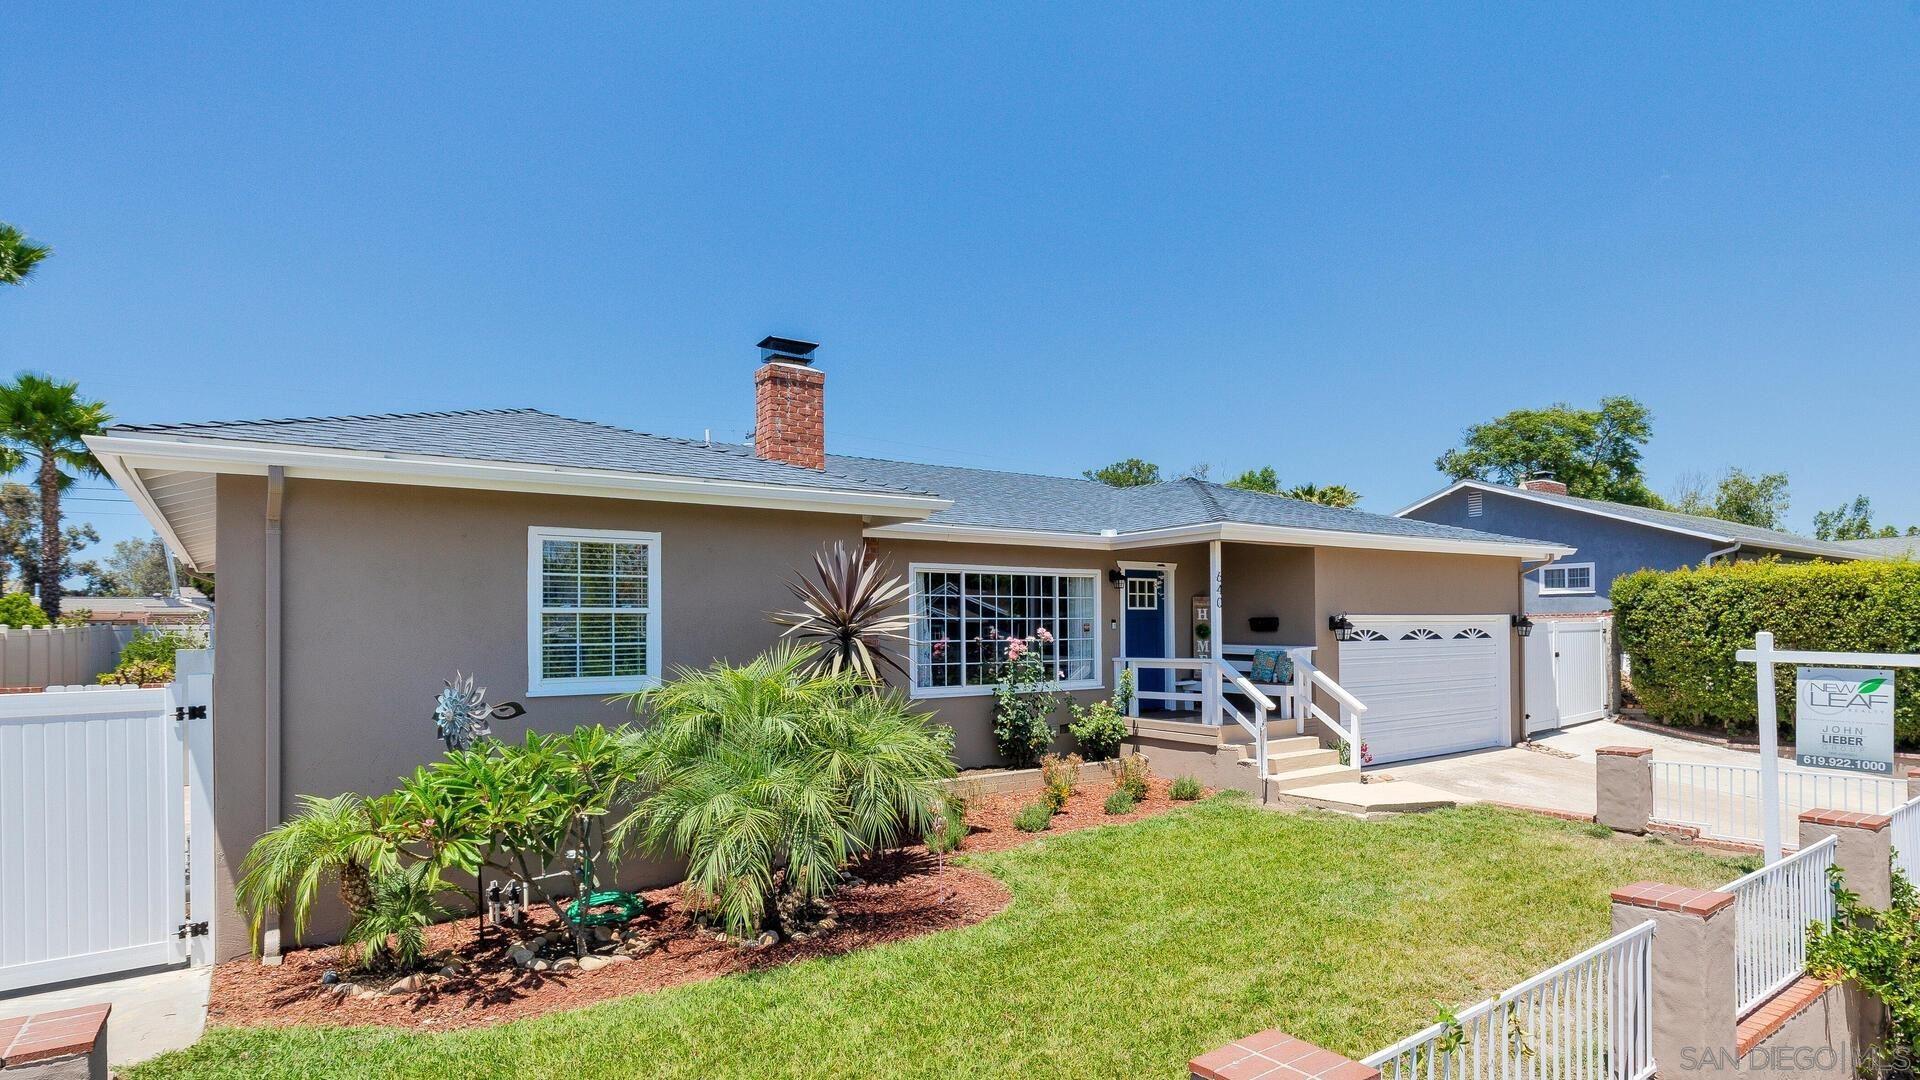 Photo of 640 Hawthorne Ave, El Cajon, CA 92020 (MLS # 210021036)